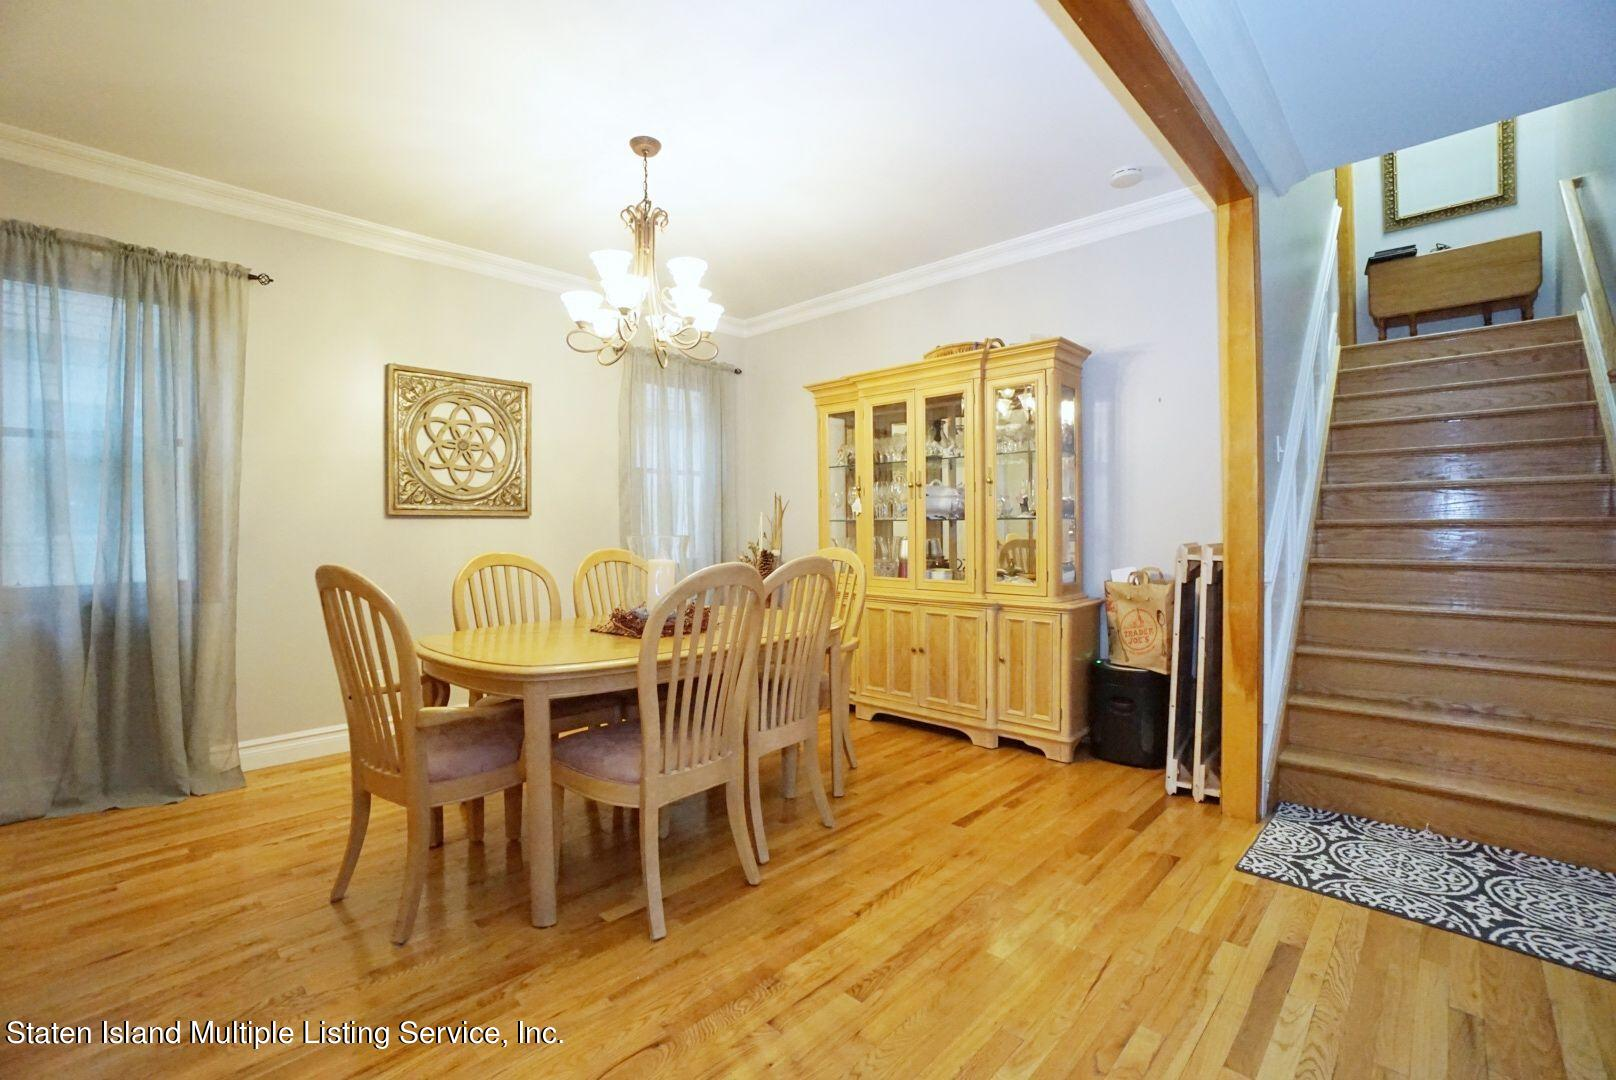 Single Family - Detached 311 Sharrott Avenue  Staten Island, NY 10309, MLS-1146042-9